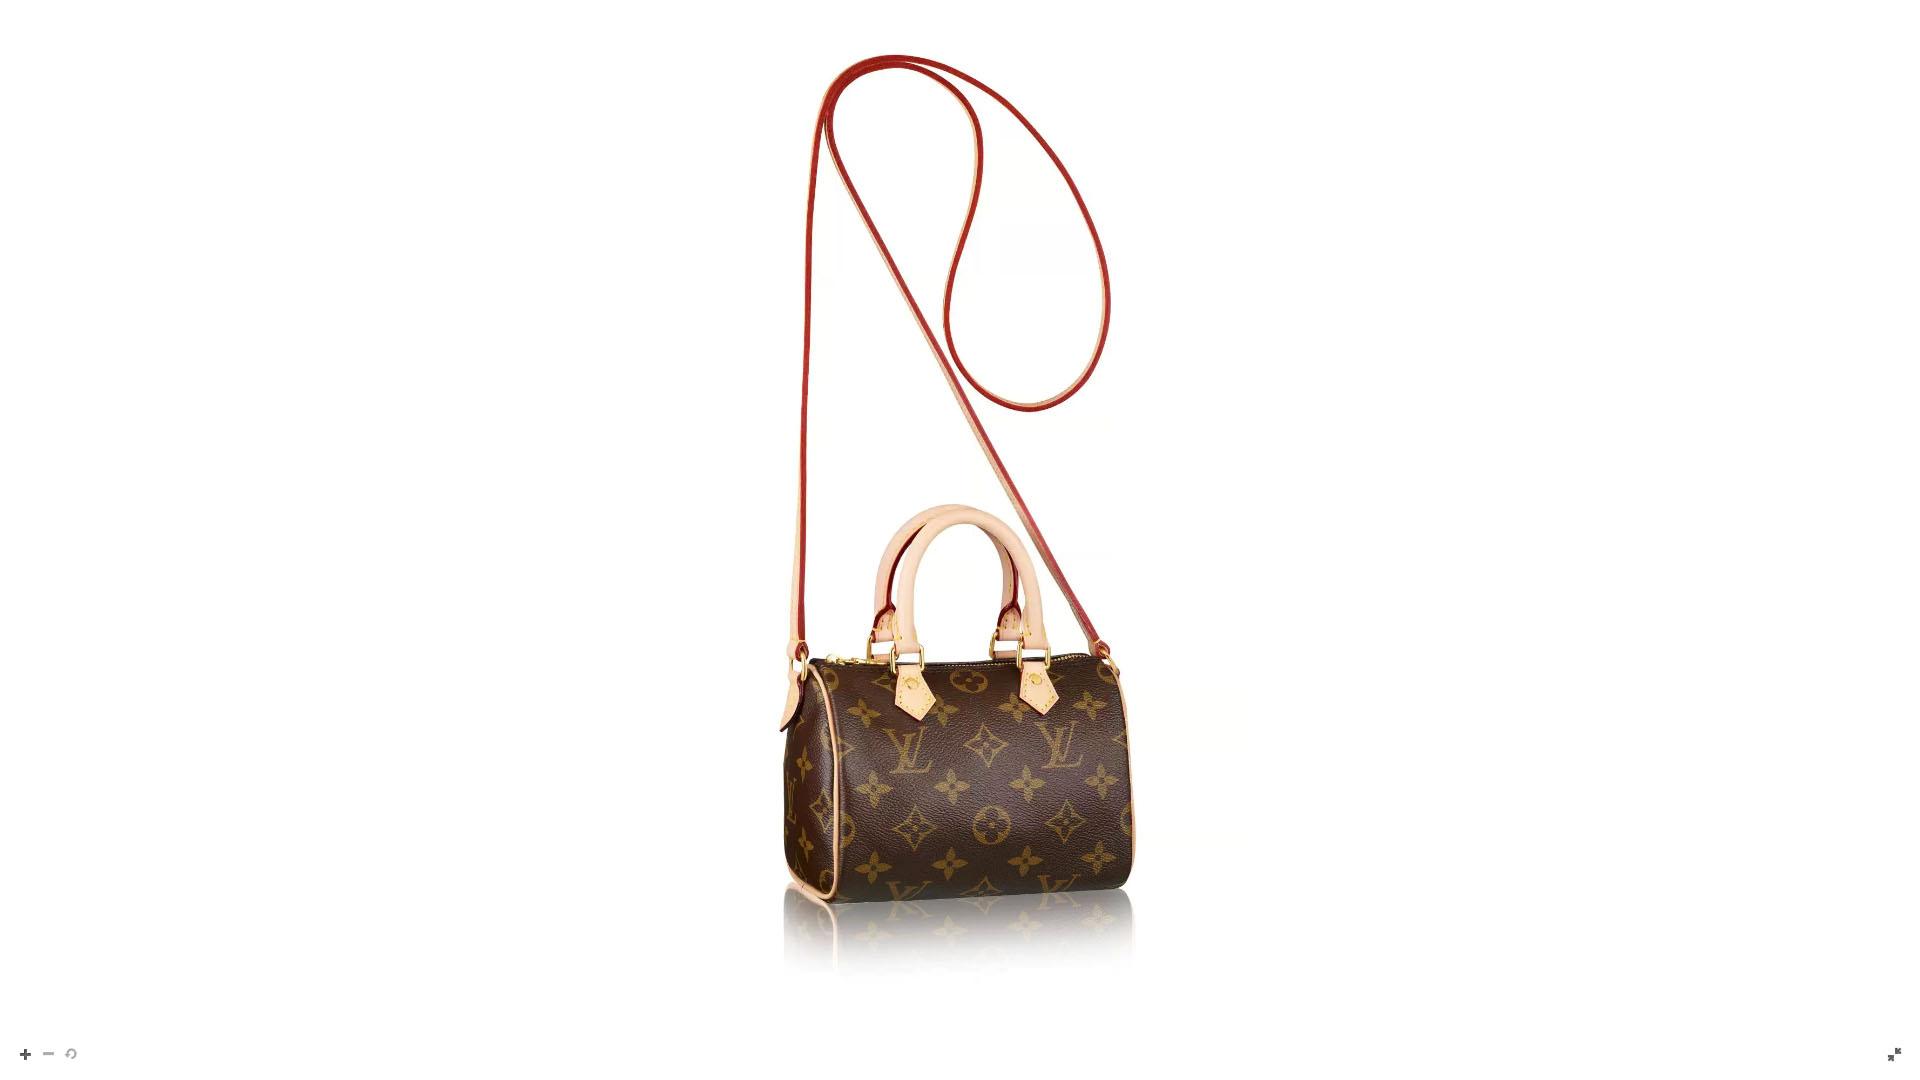 """""""Nano Speedy"""" es uno de los bolsos de LV más femeninos y chic que tienen a la venta. En su tradicional lienzo de monogram es la versión petitte del clásico. Contiene una correa larga para poder transformarla en bandolera"""